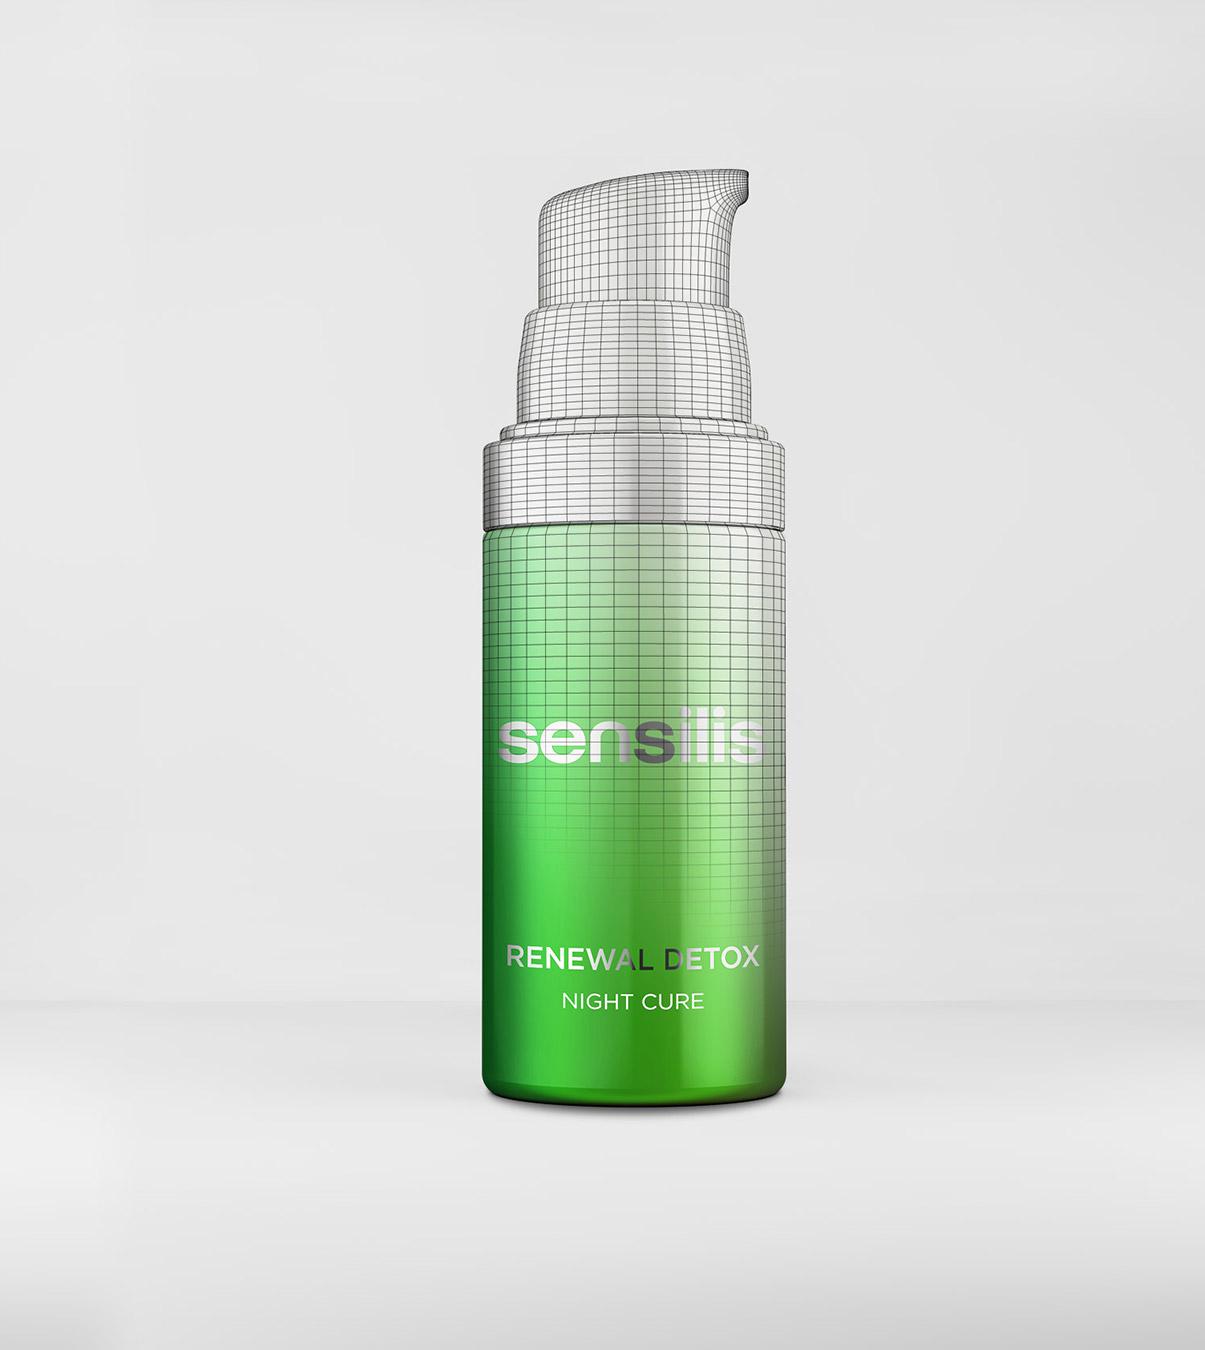 Crema-Renewal-Detox3D